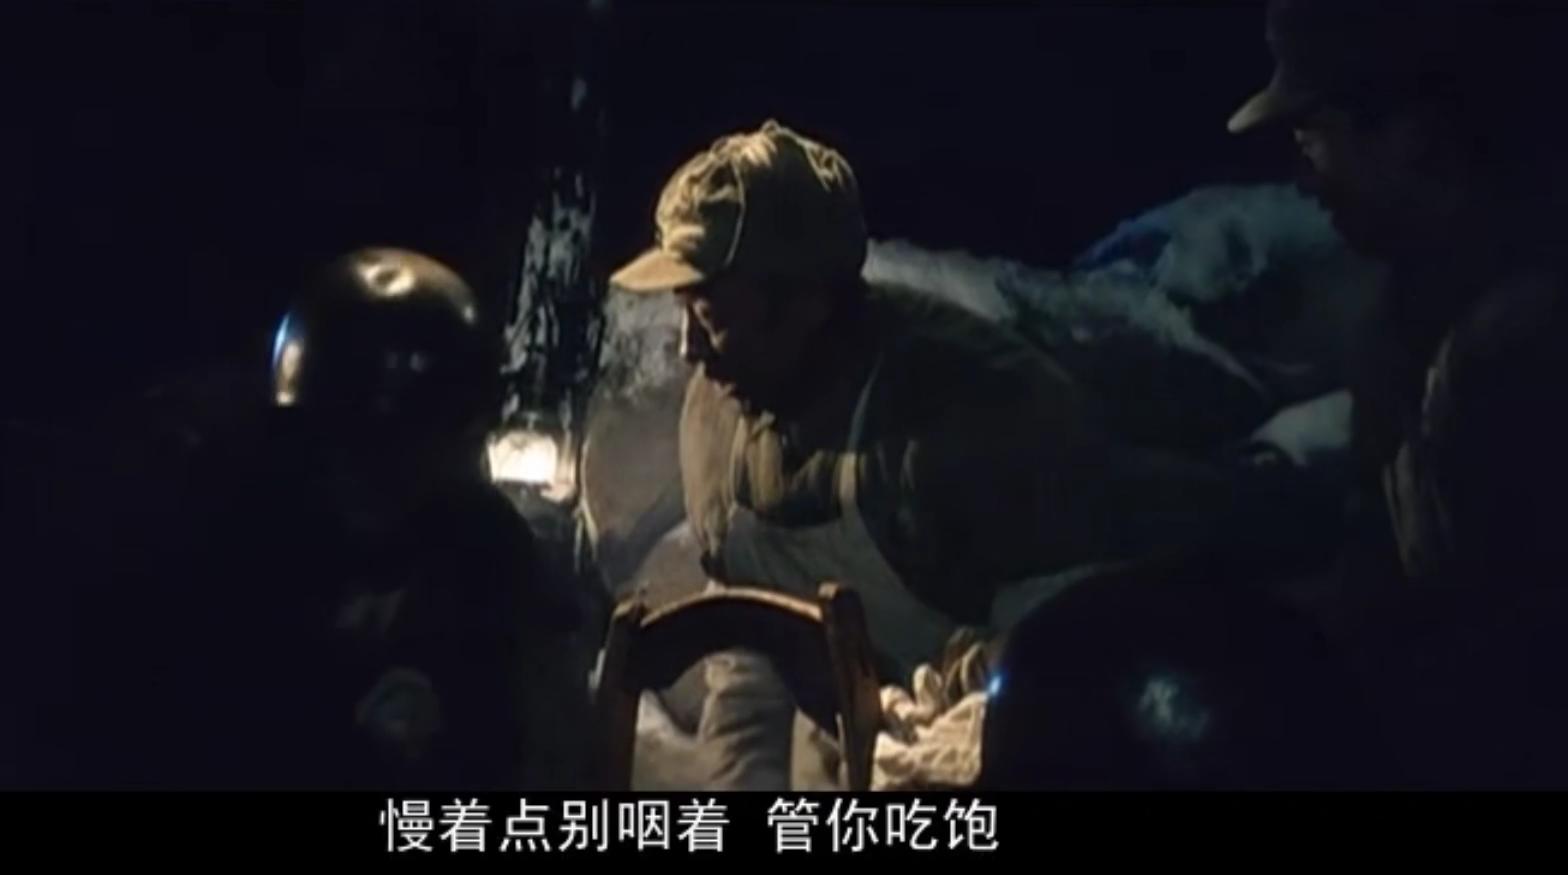 淮海战场上的国军主力 为什么败给了猪肉炖粉条 背后的原因不简单